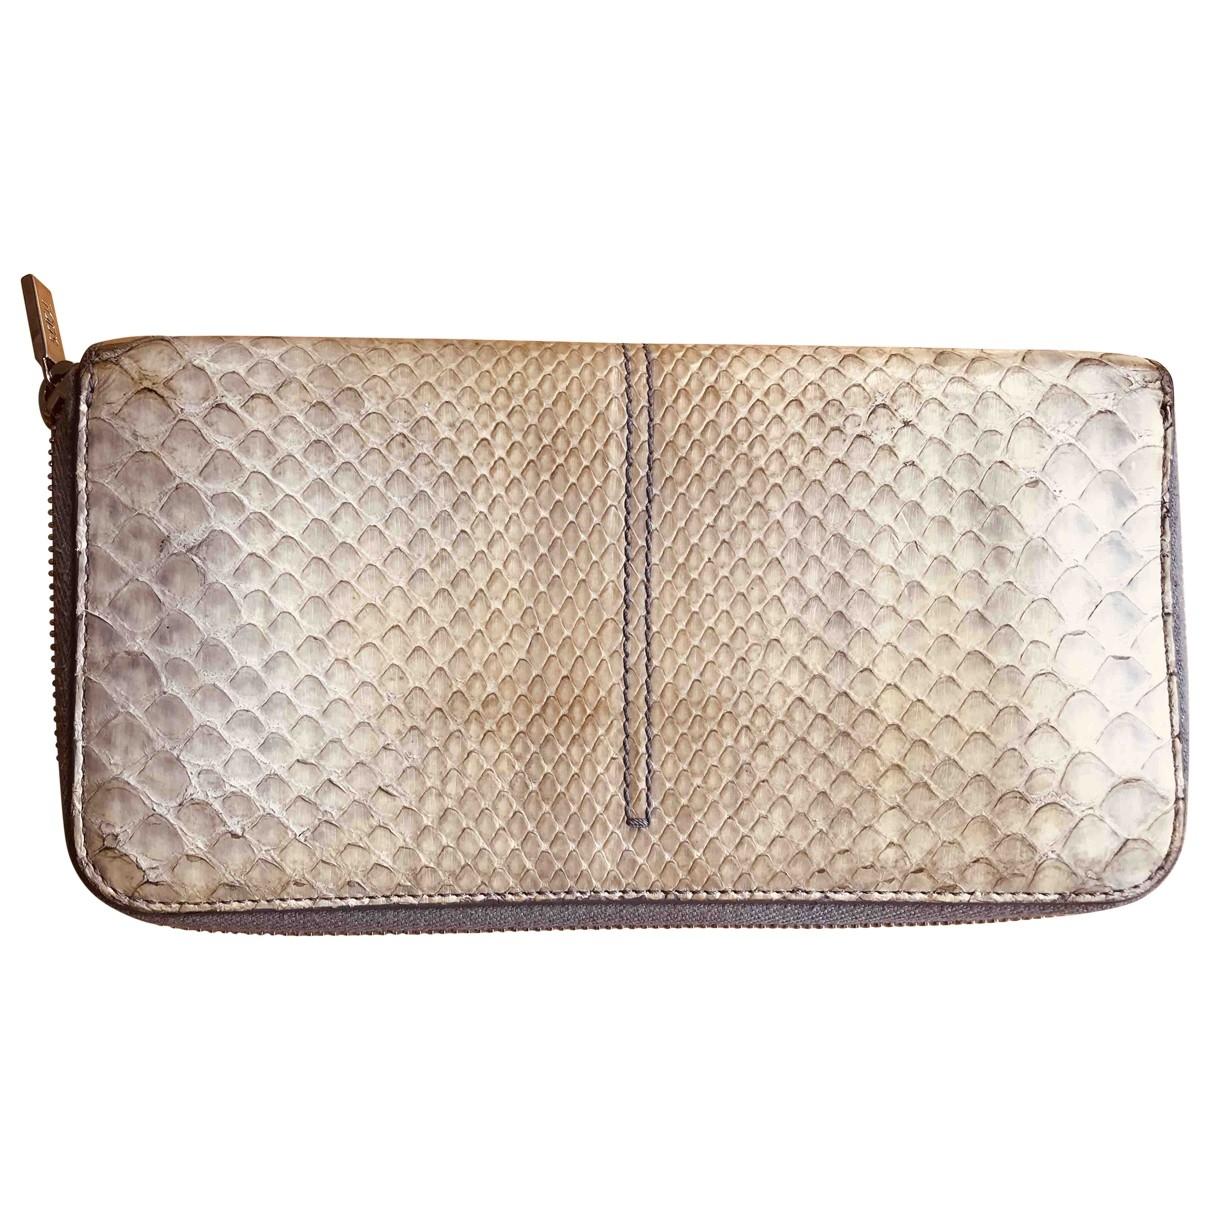 Tods - Portefeuille   pour femme en python - gris